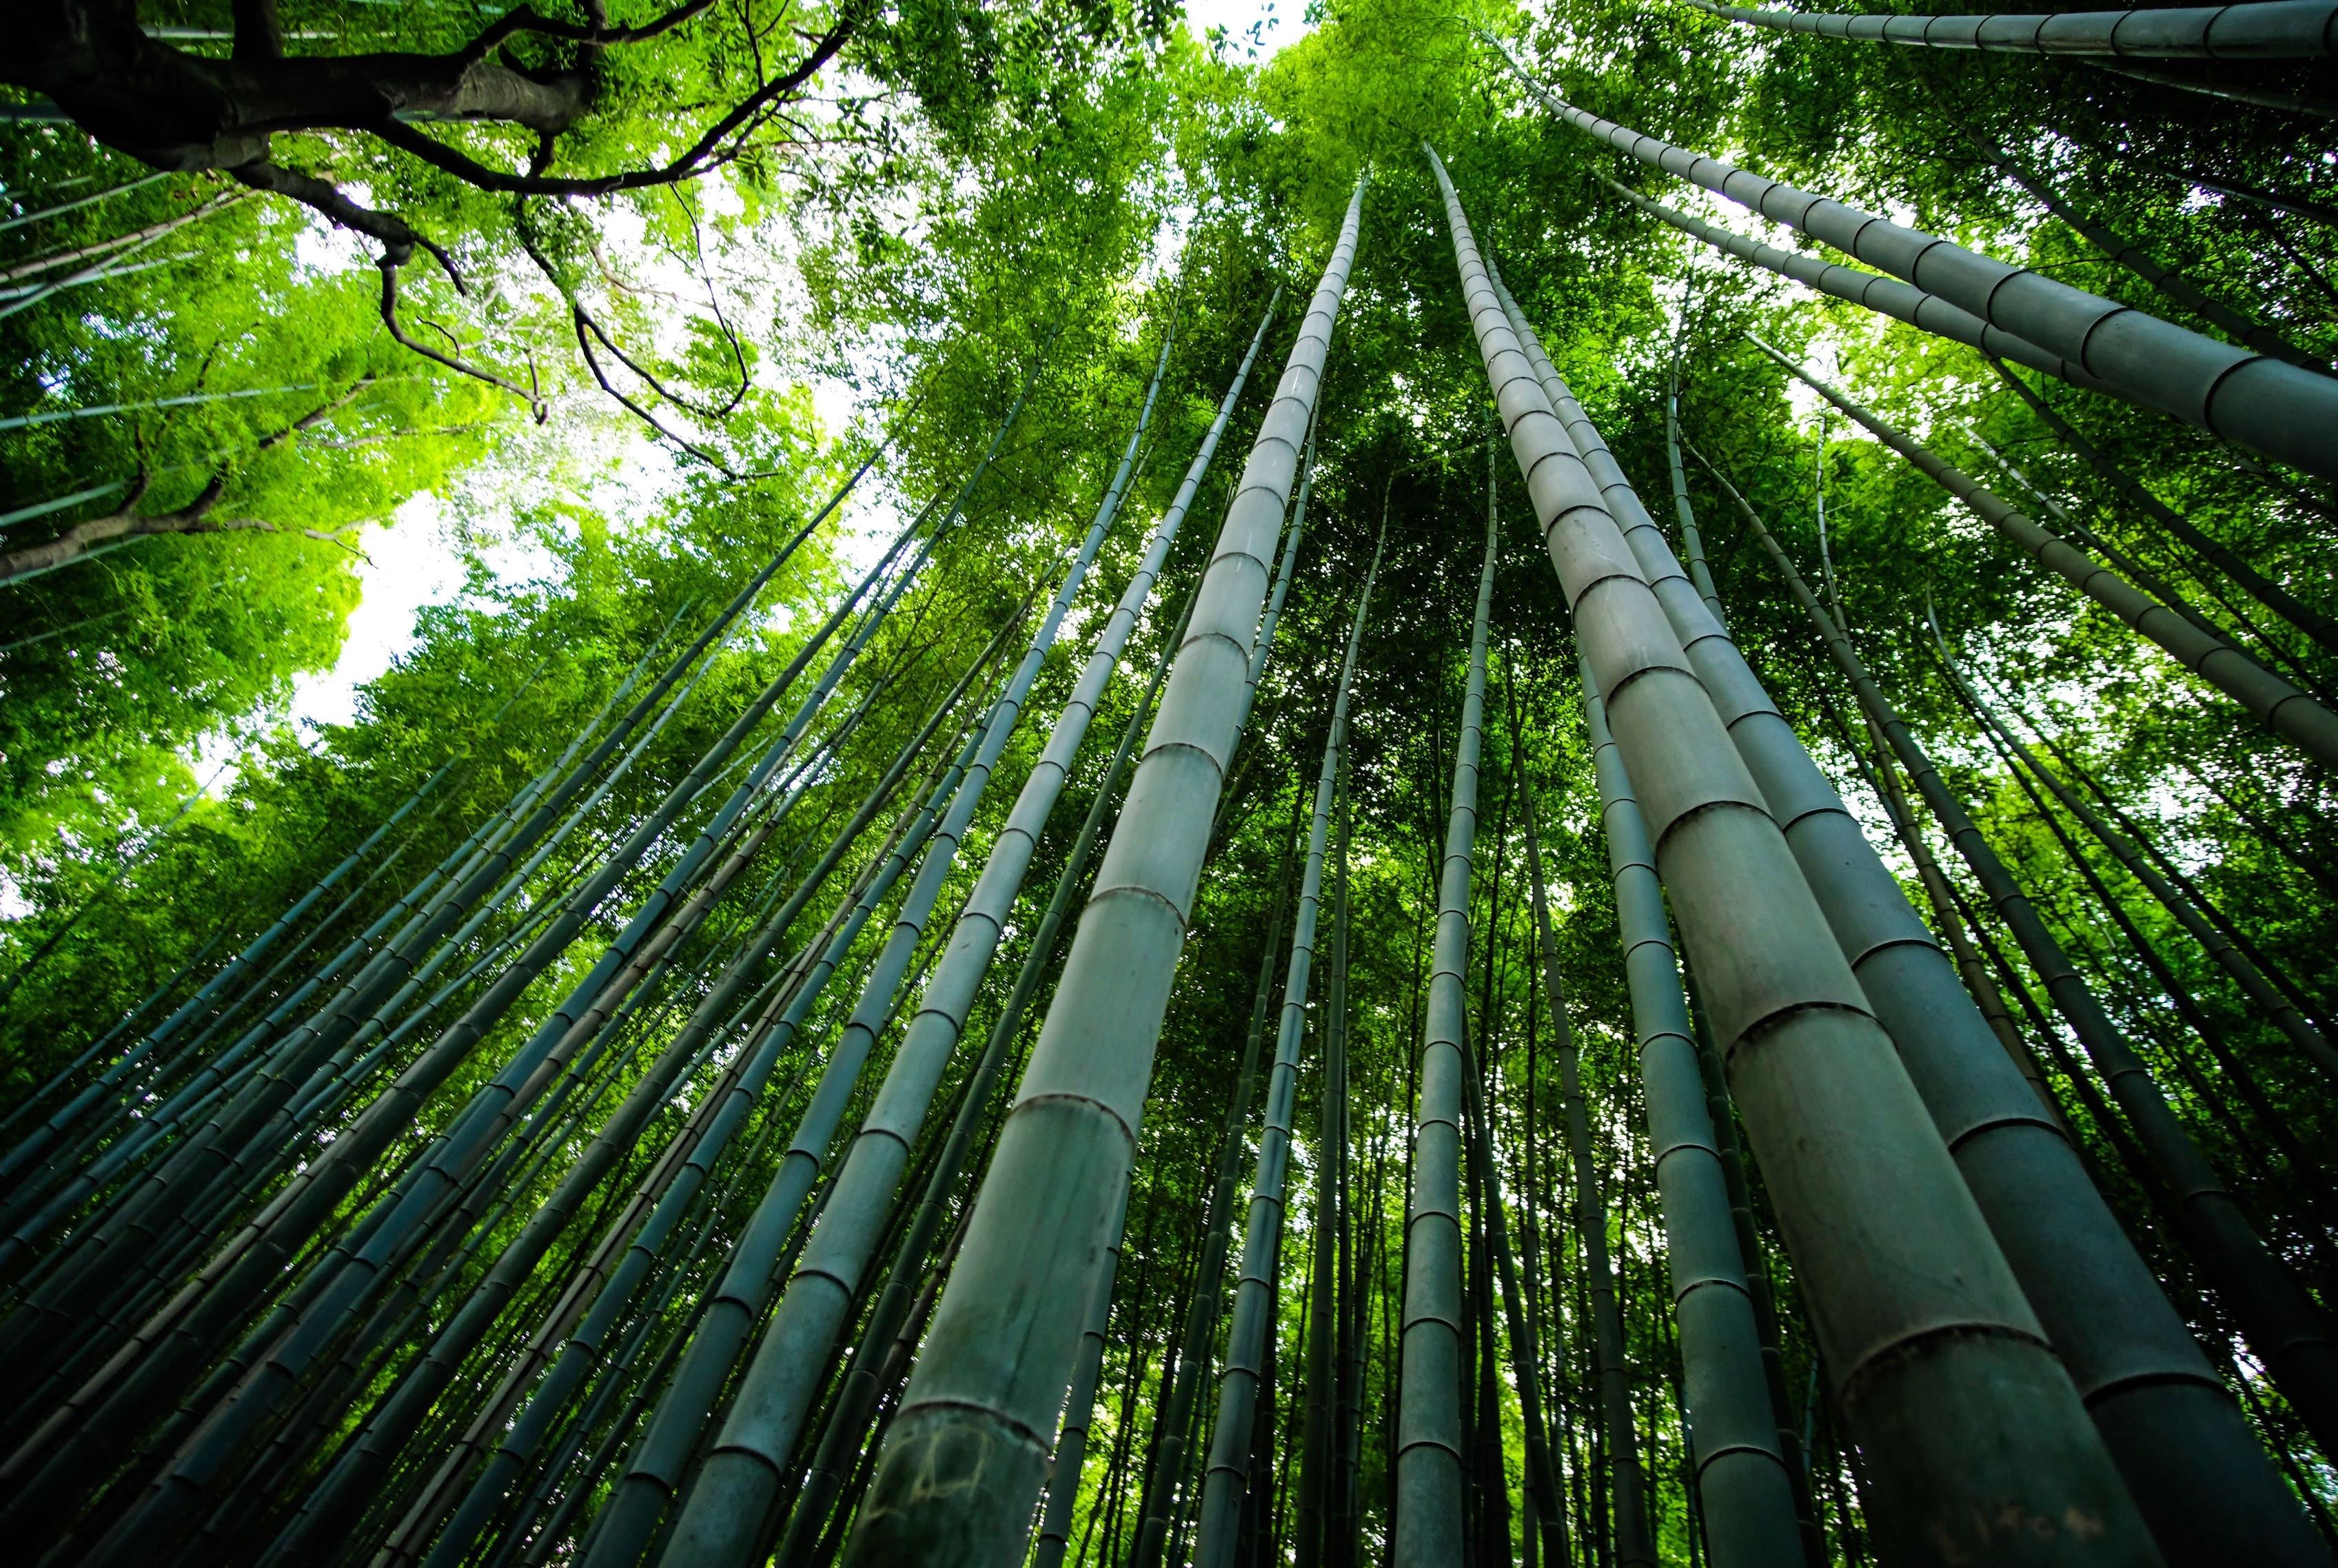 Le bambou est-il vraiment écologique ?